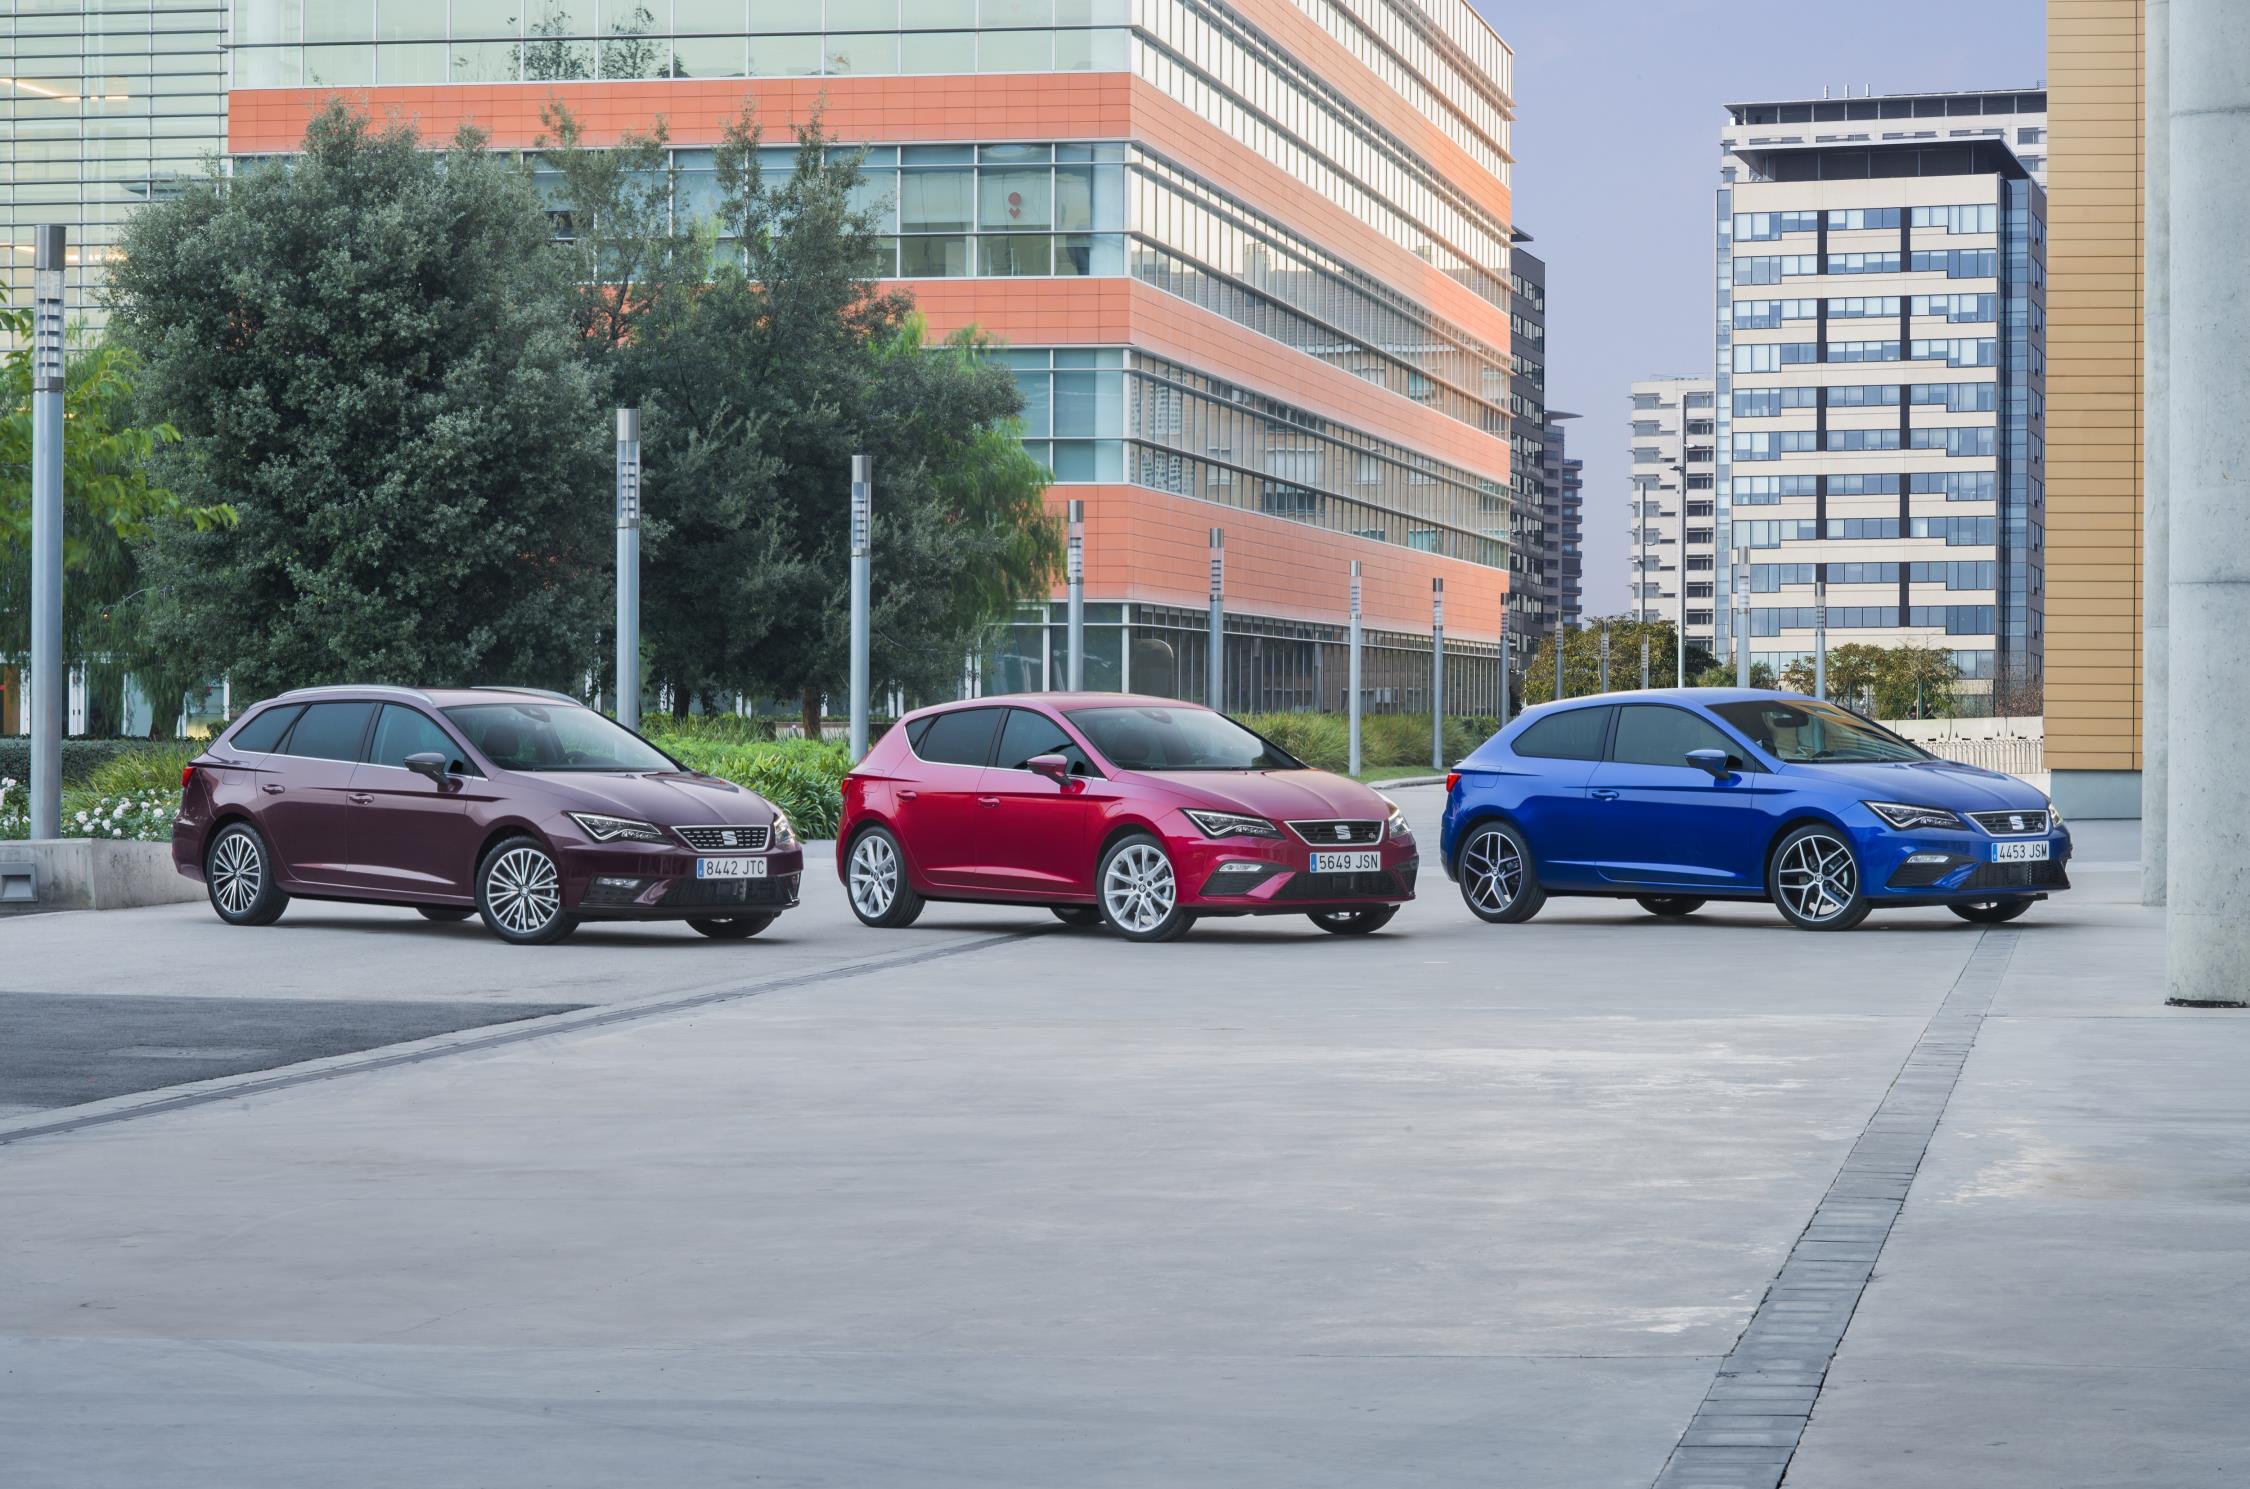 La tercera generación del Seat León está batiendo todos los récords de la marca en lo que a la historia del compacto se refiere.